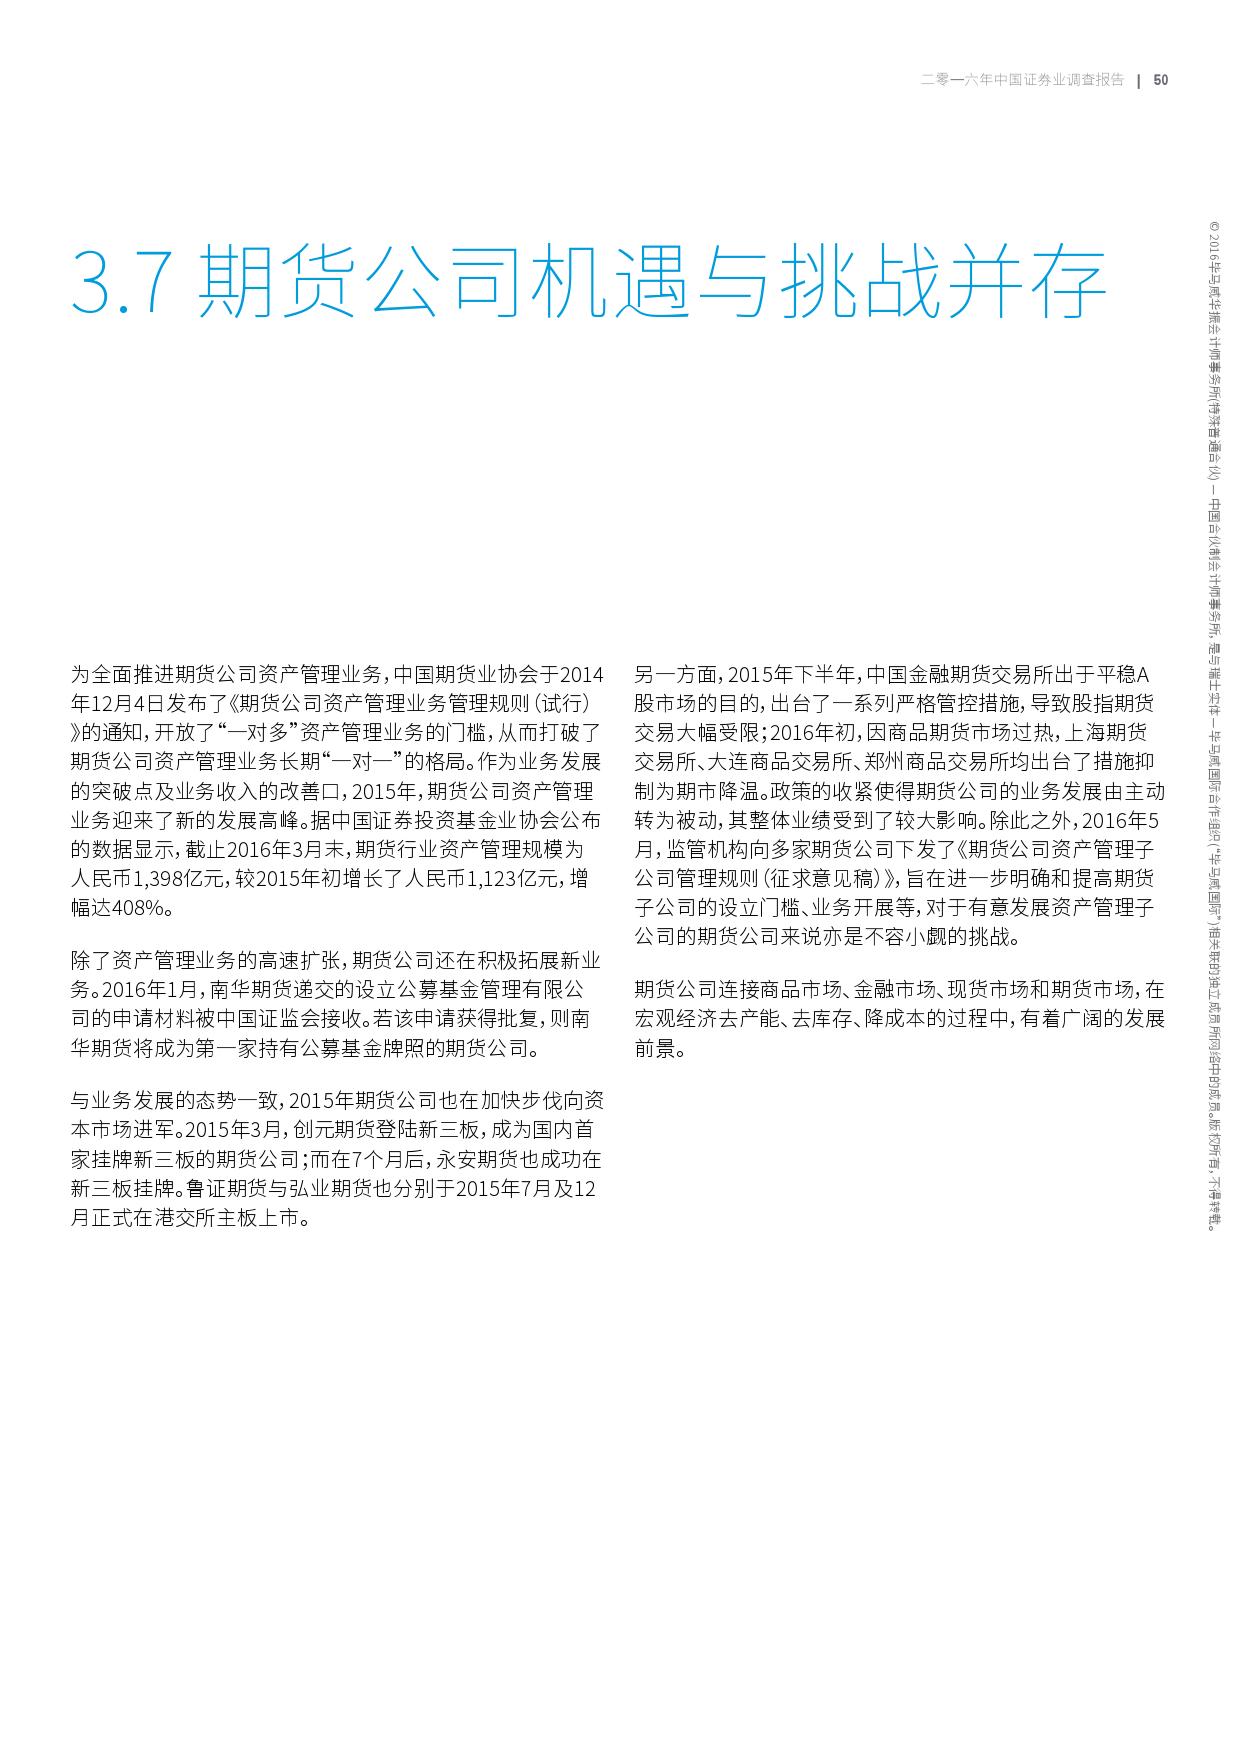 2016年中国证券业调查报告_000053